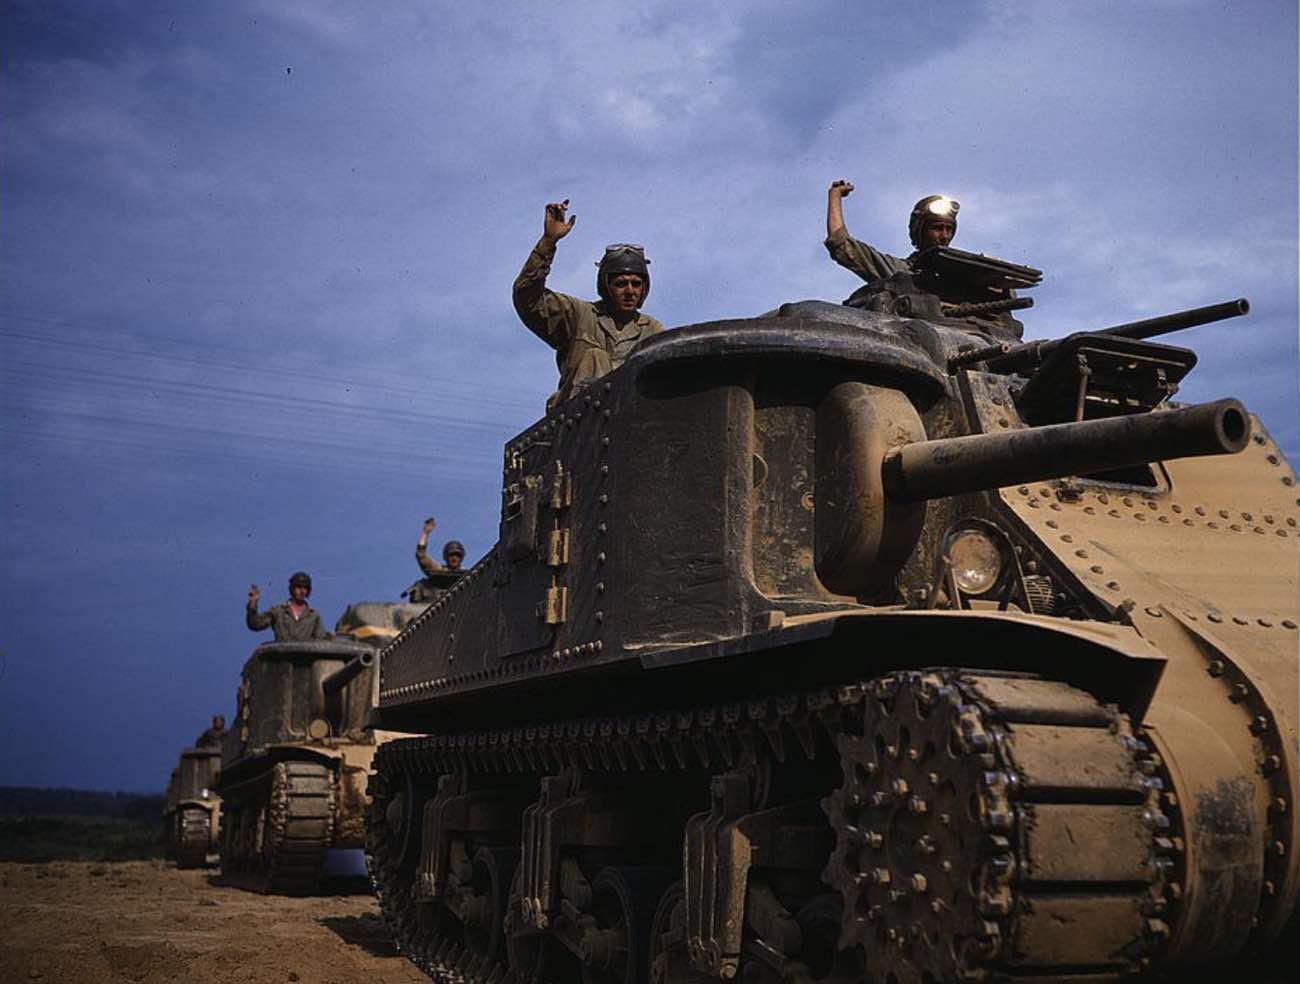 M3 tanks